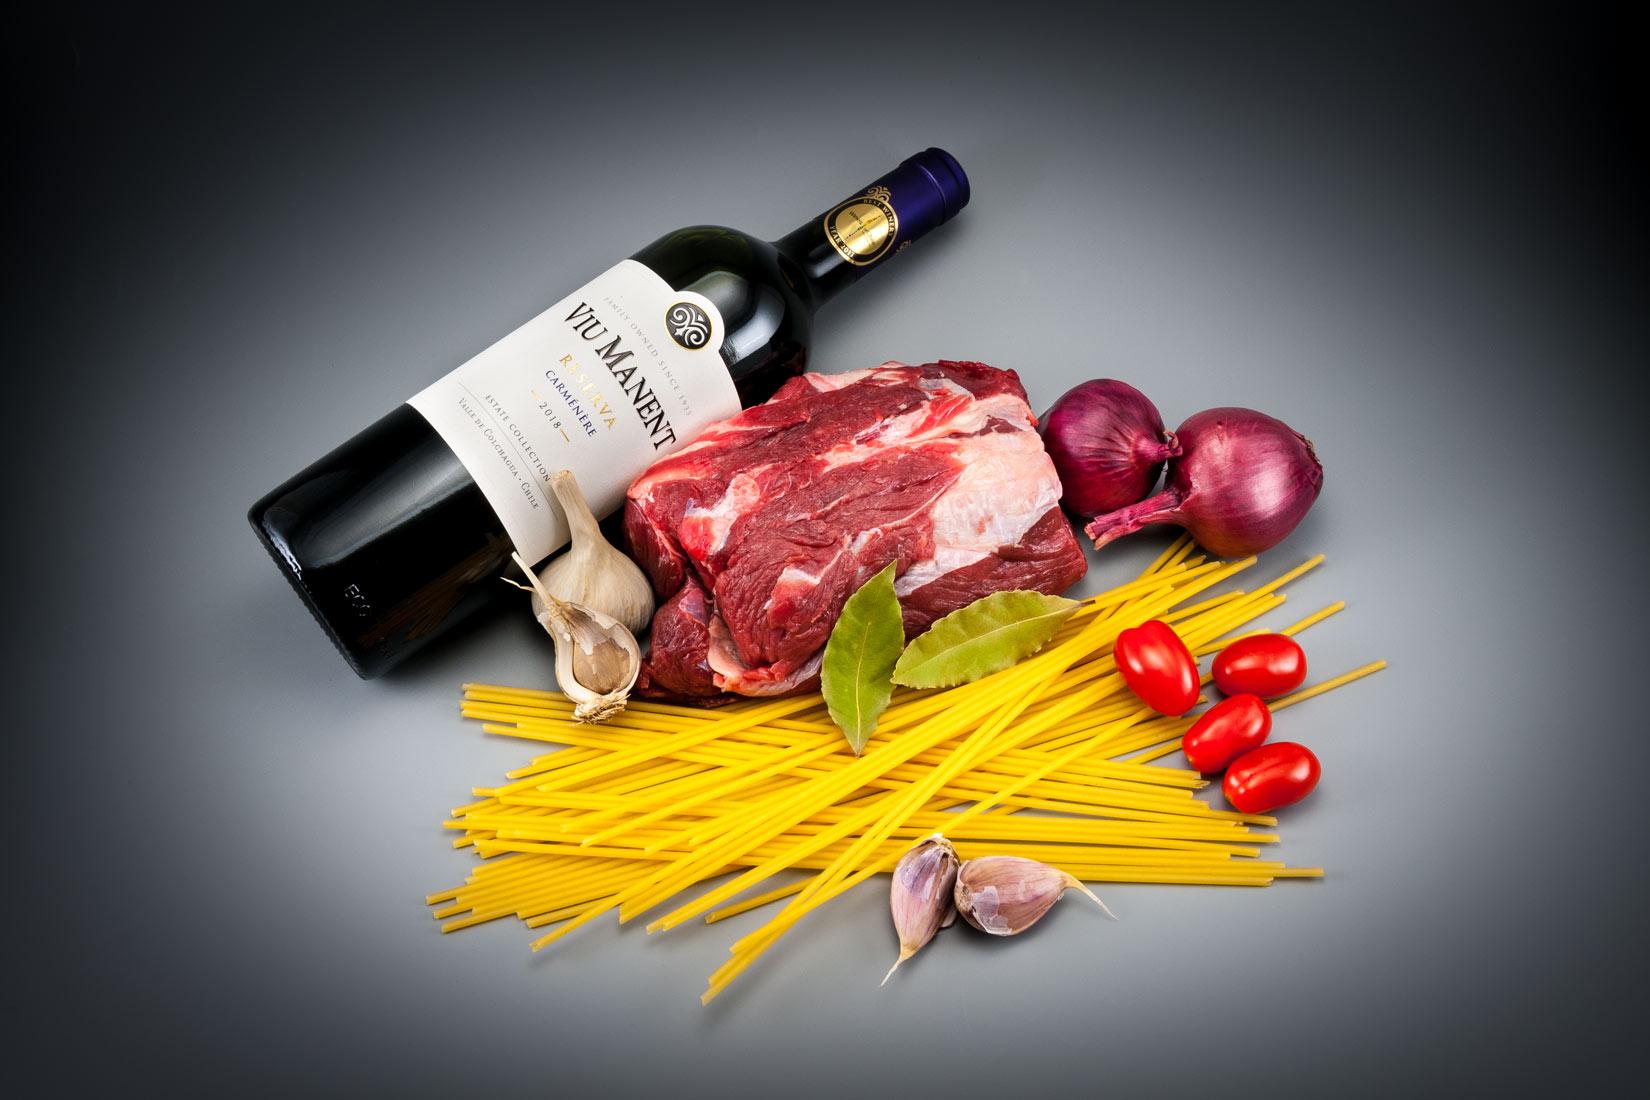 Hovězí maso a červené víno - základ Pastitsady